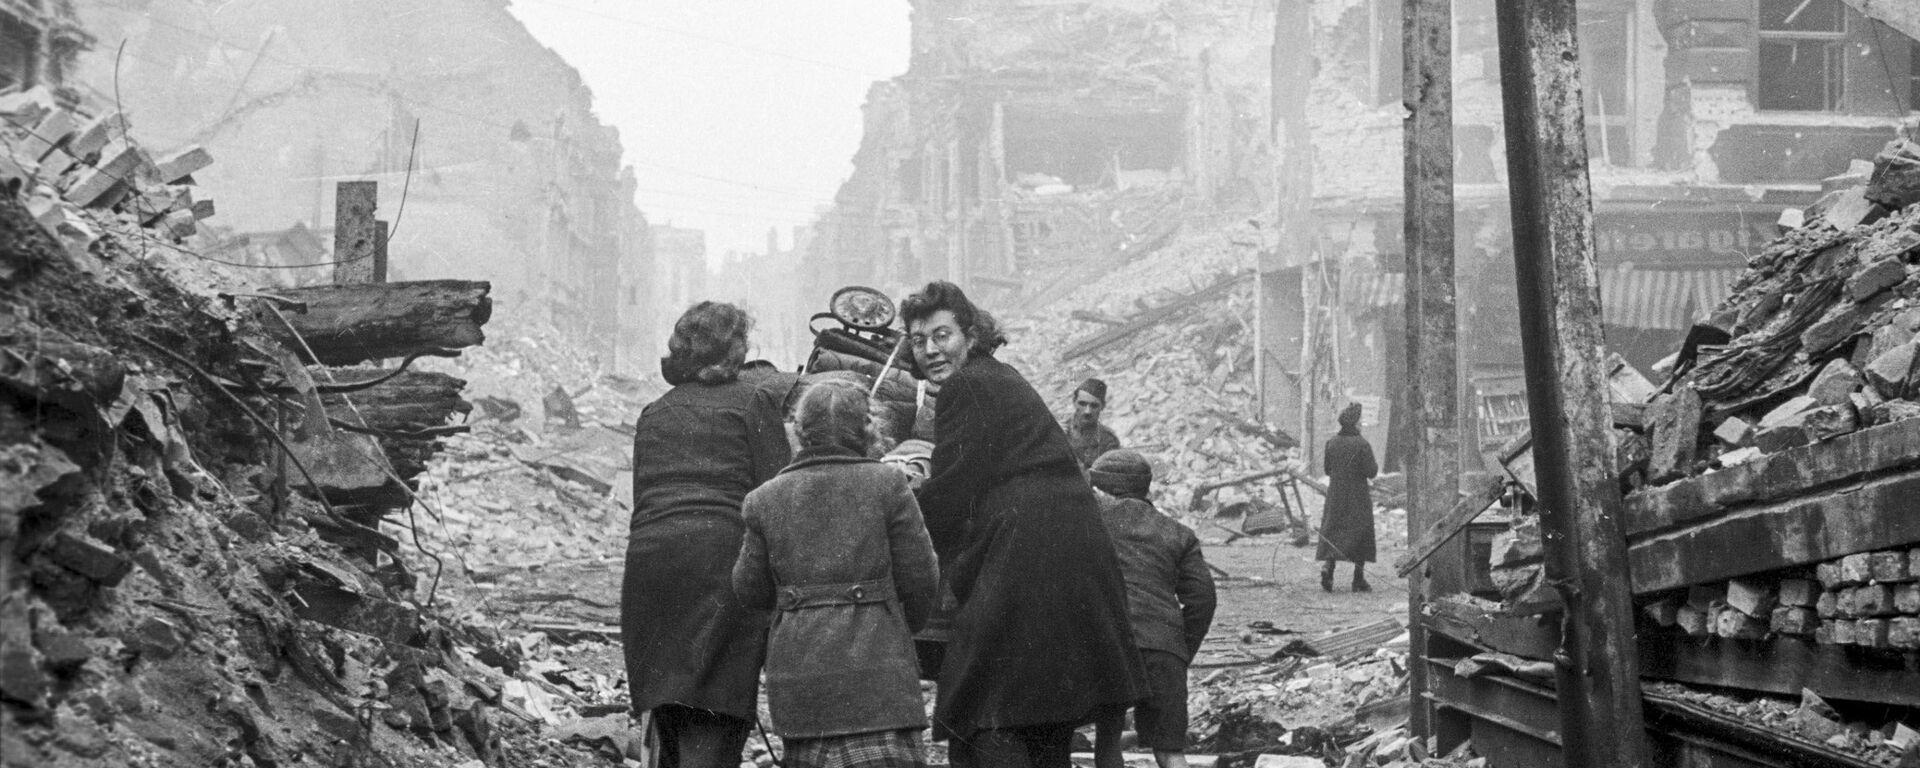 Жители Берлина возвращаются домой по заваленной обломками улице, 1945 год - Sputnik Таджикистан, 1920, 09.05.2020